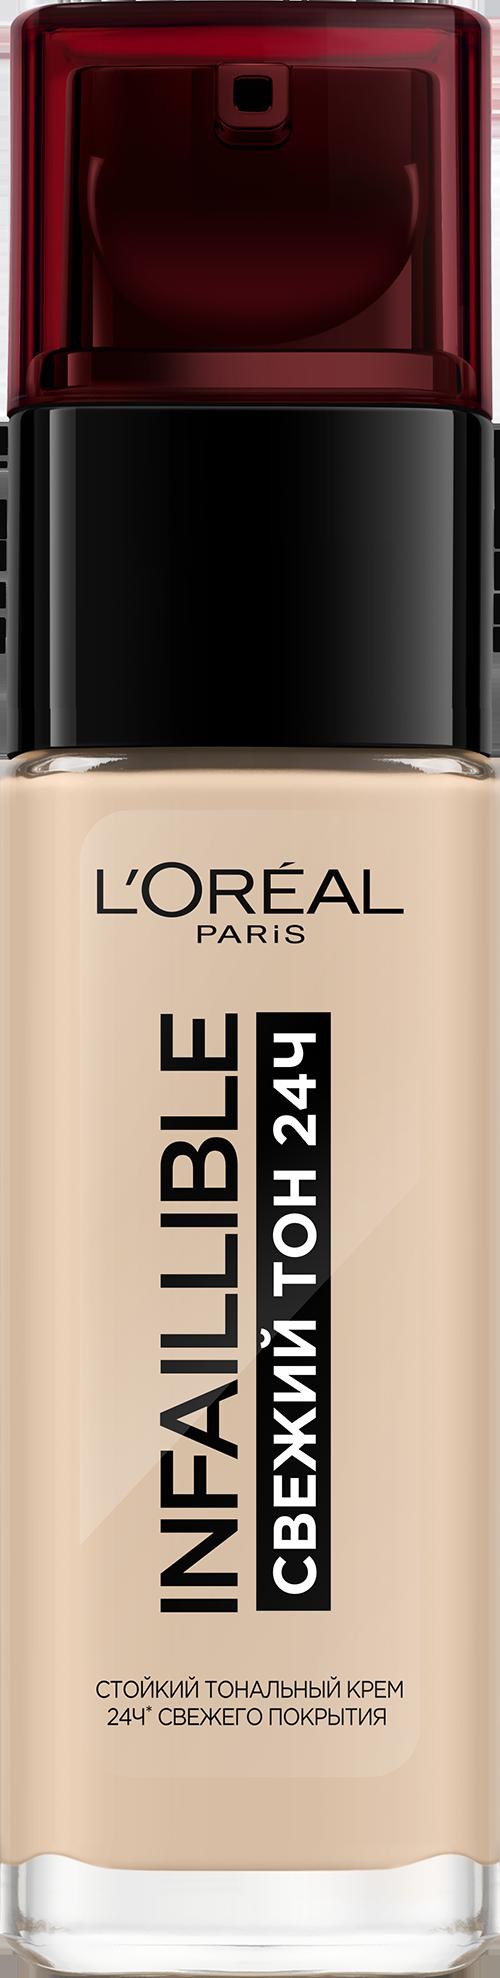 Купить Тональный крем L'Oreal Paris Infallible 24h Stay Fresh Foundation 020 30 мл Слоновая кость